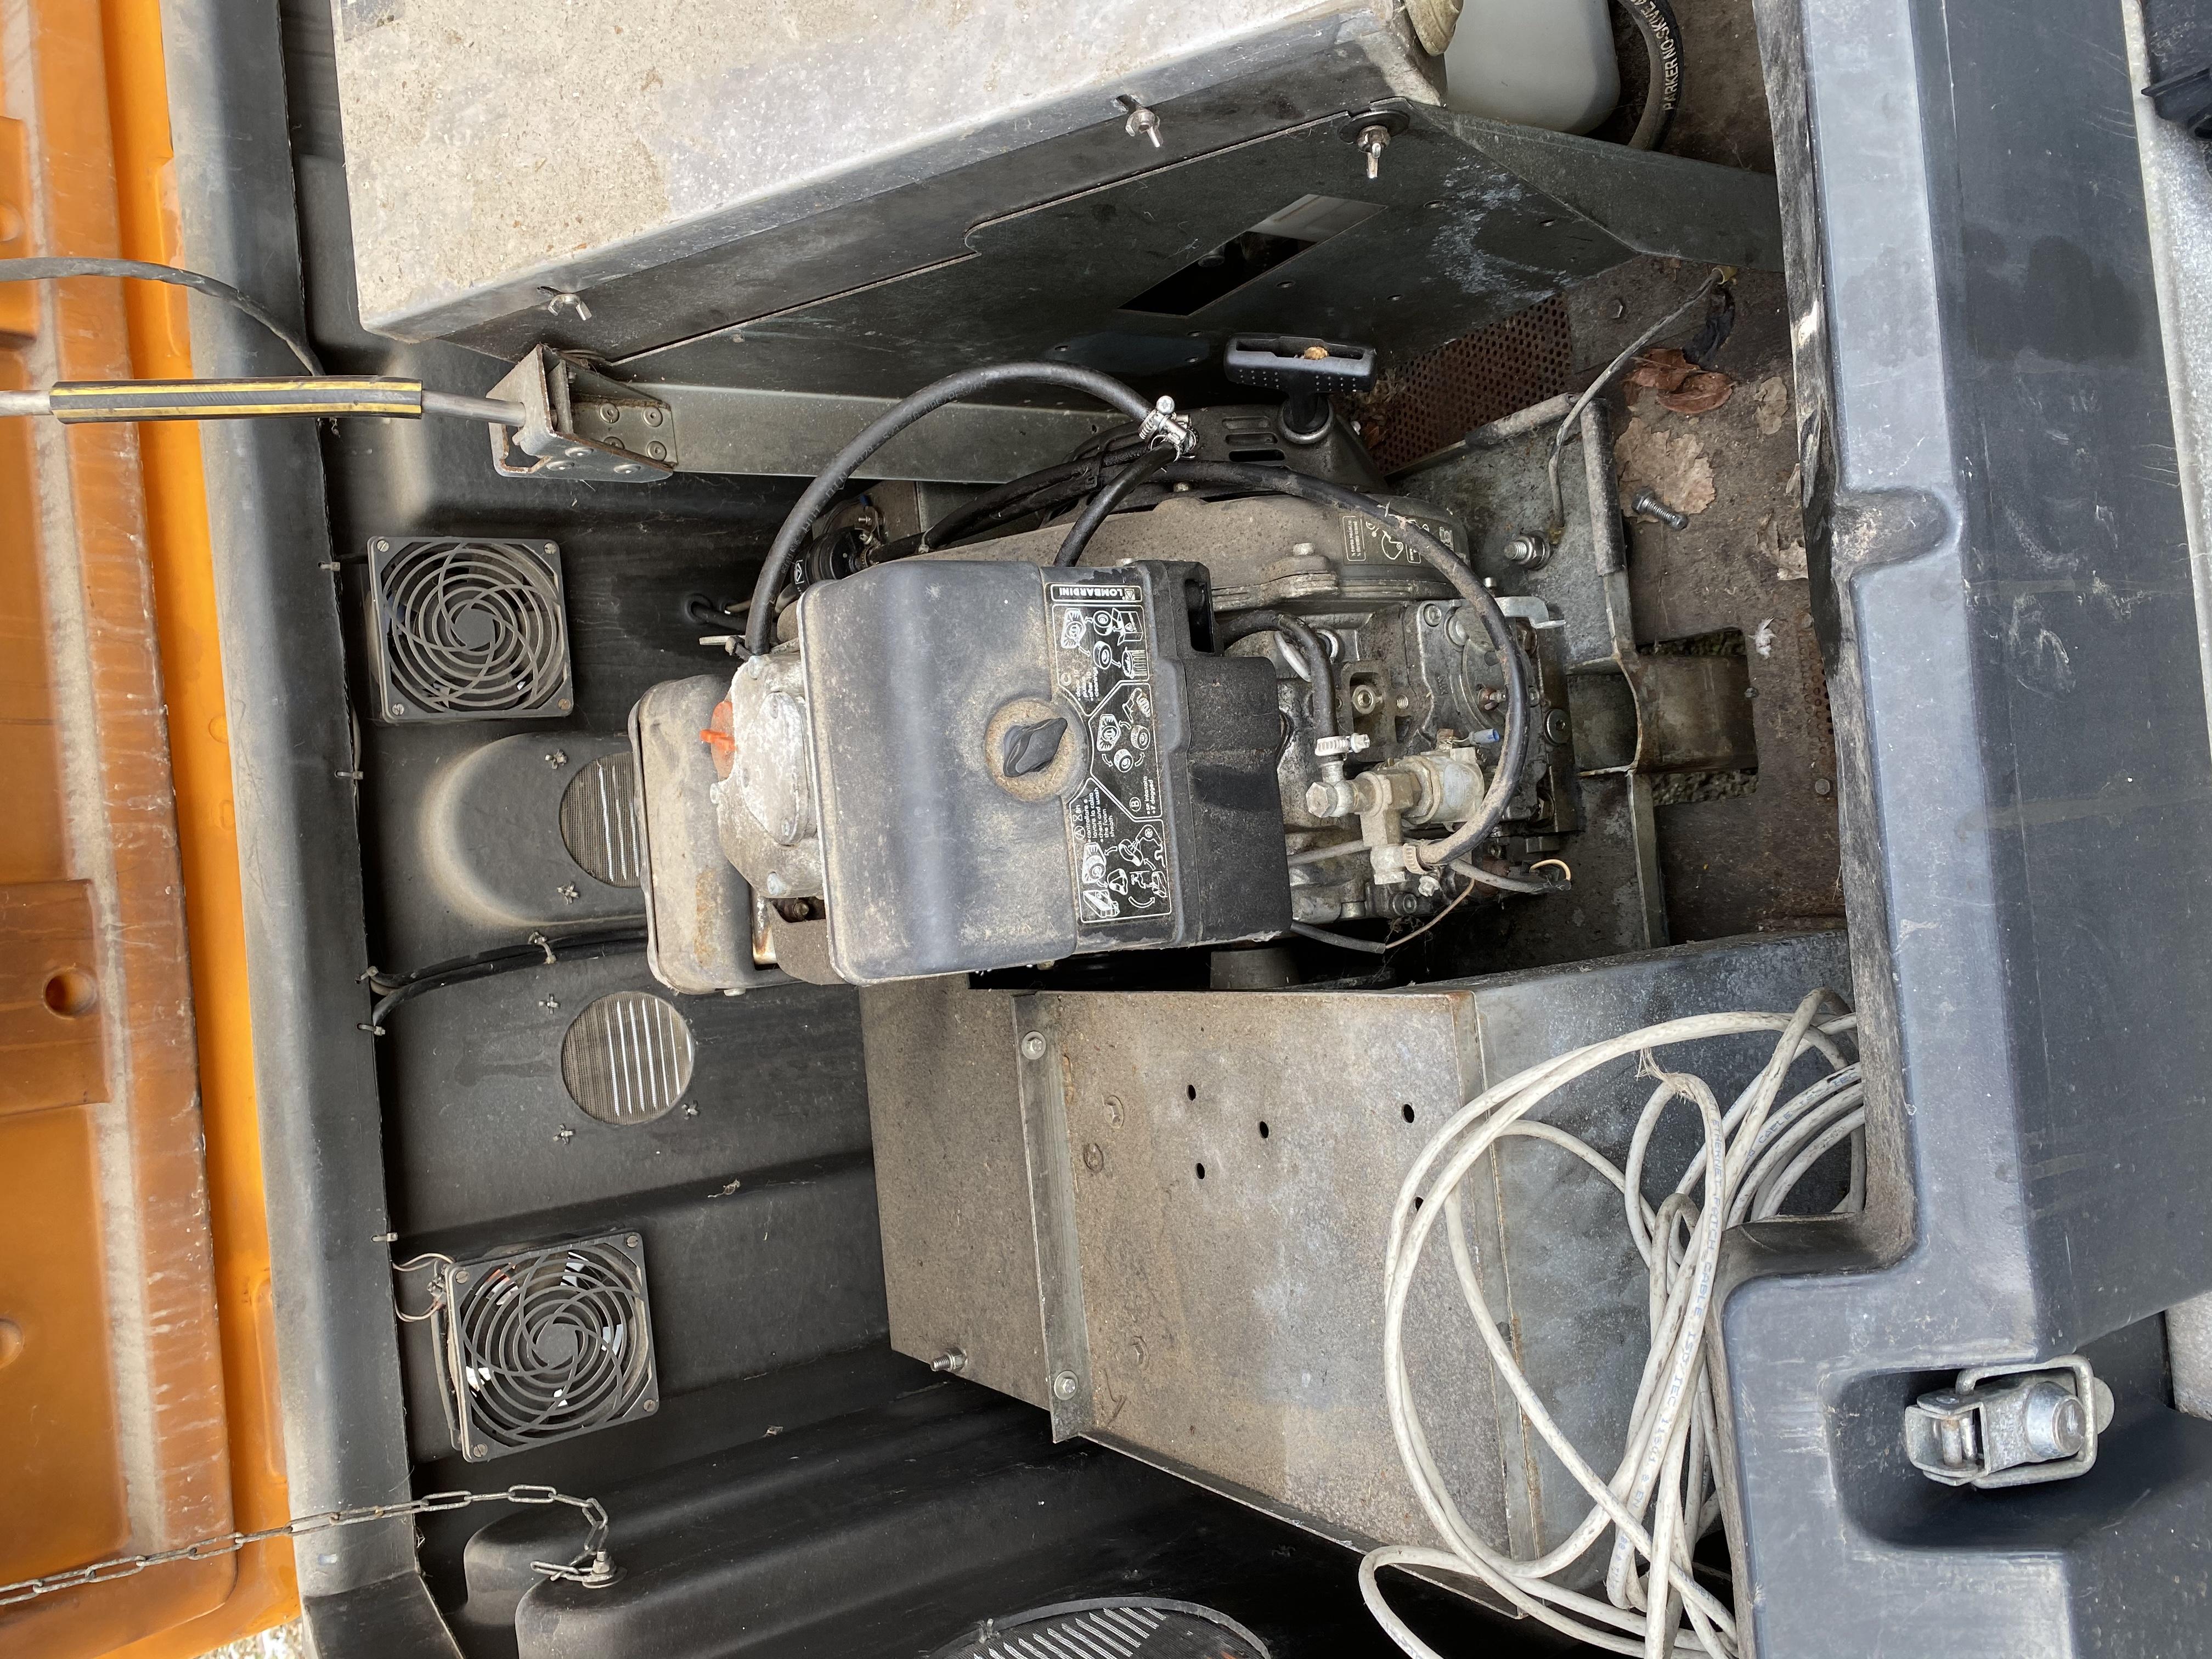 EC222AF8-D709-4EC7-A2E0-4B89ADE96901.jpeg